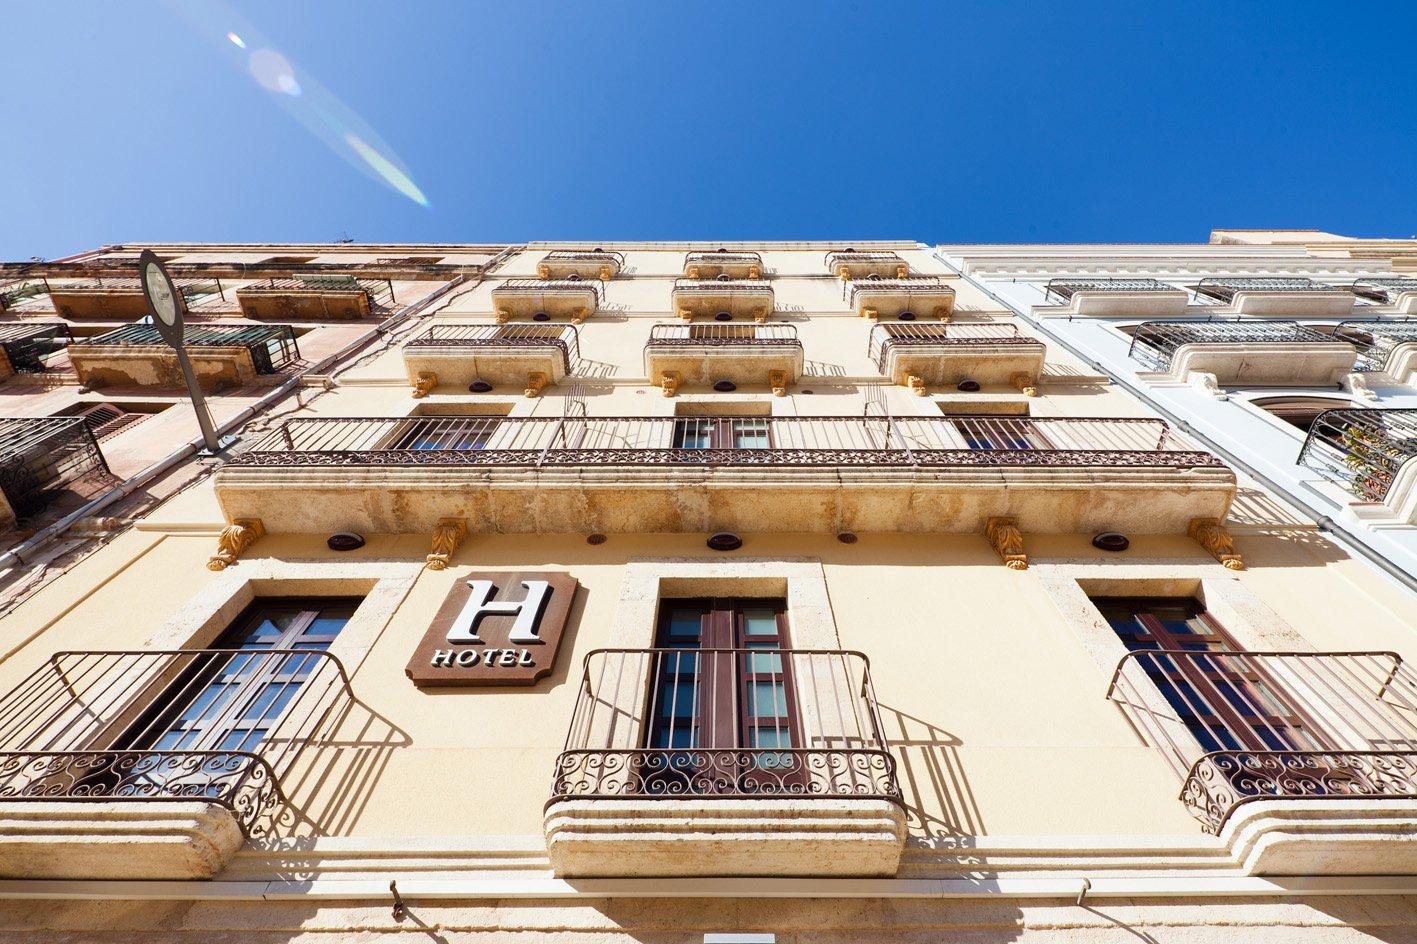 hotel_la_fontnombre_del_documento_18-8844cddbbba87740ee4d0f75b67f2748